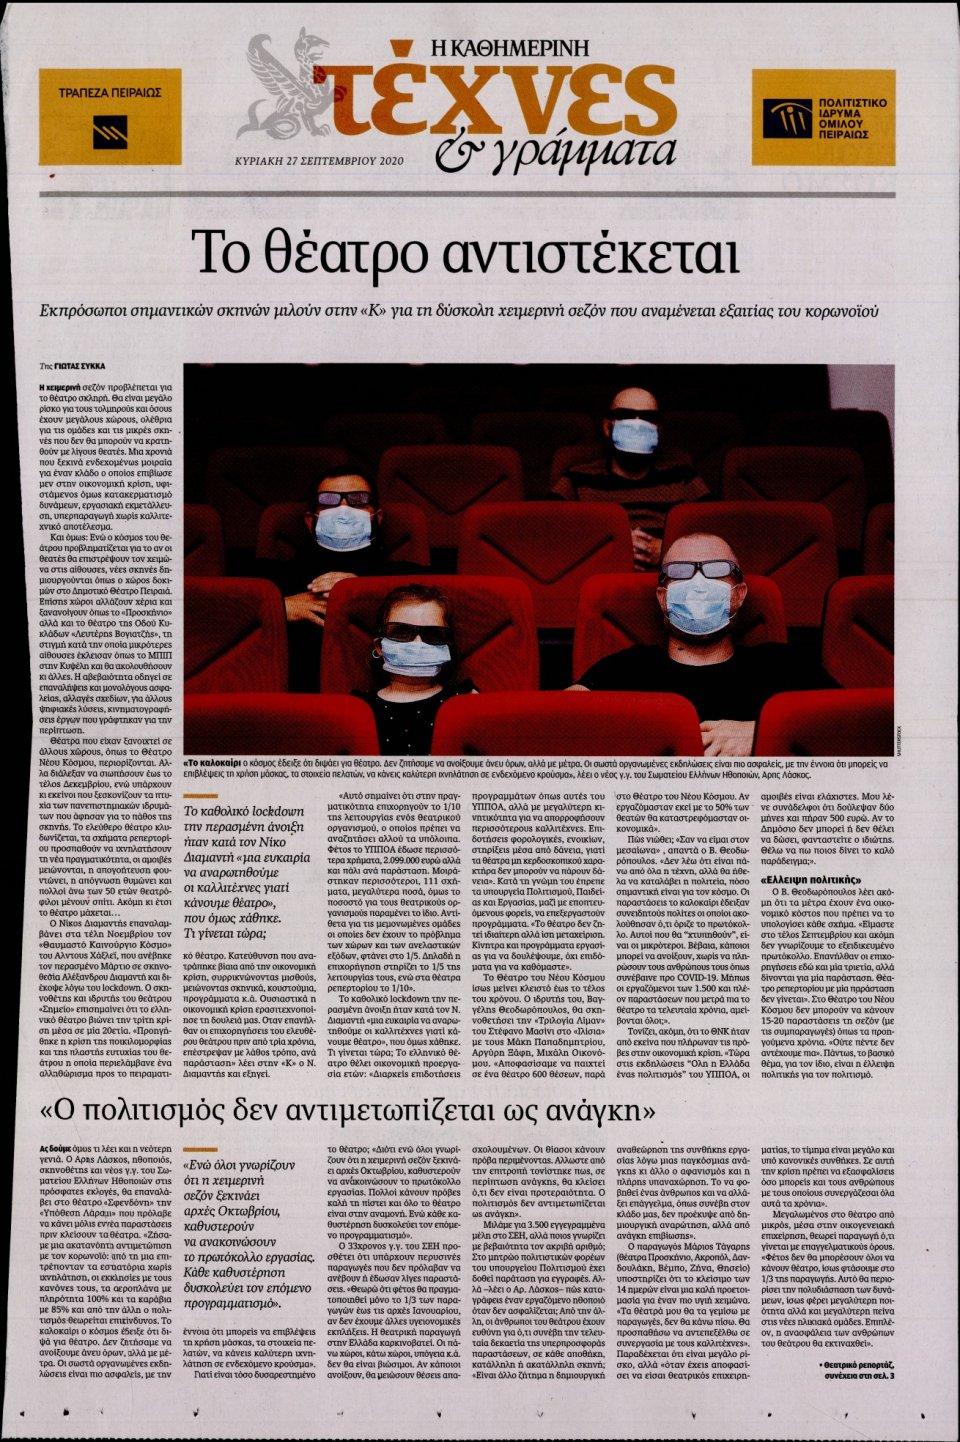 Πρωτοσέλιδο Εφημερίδας - ΚΑΘΗΜΕΡΙΝΗ ΚΥΡ_ΤΕΧΝΕΣ - 2020-09-27